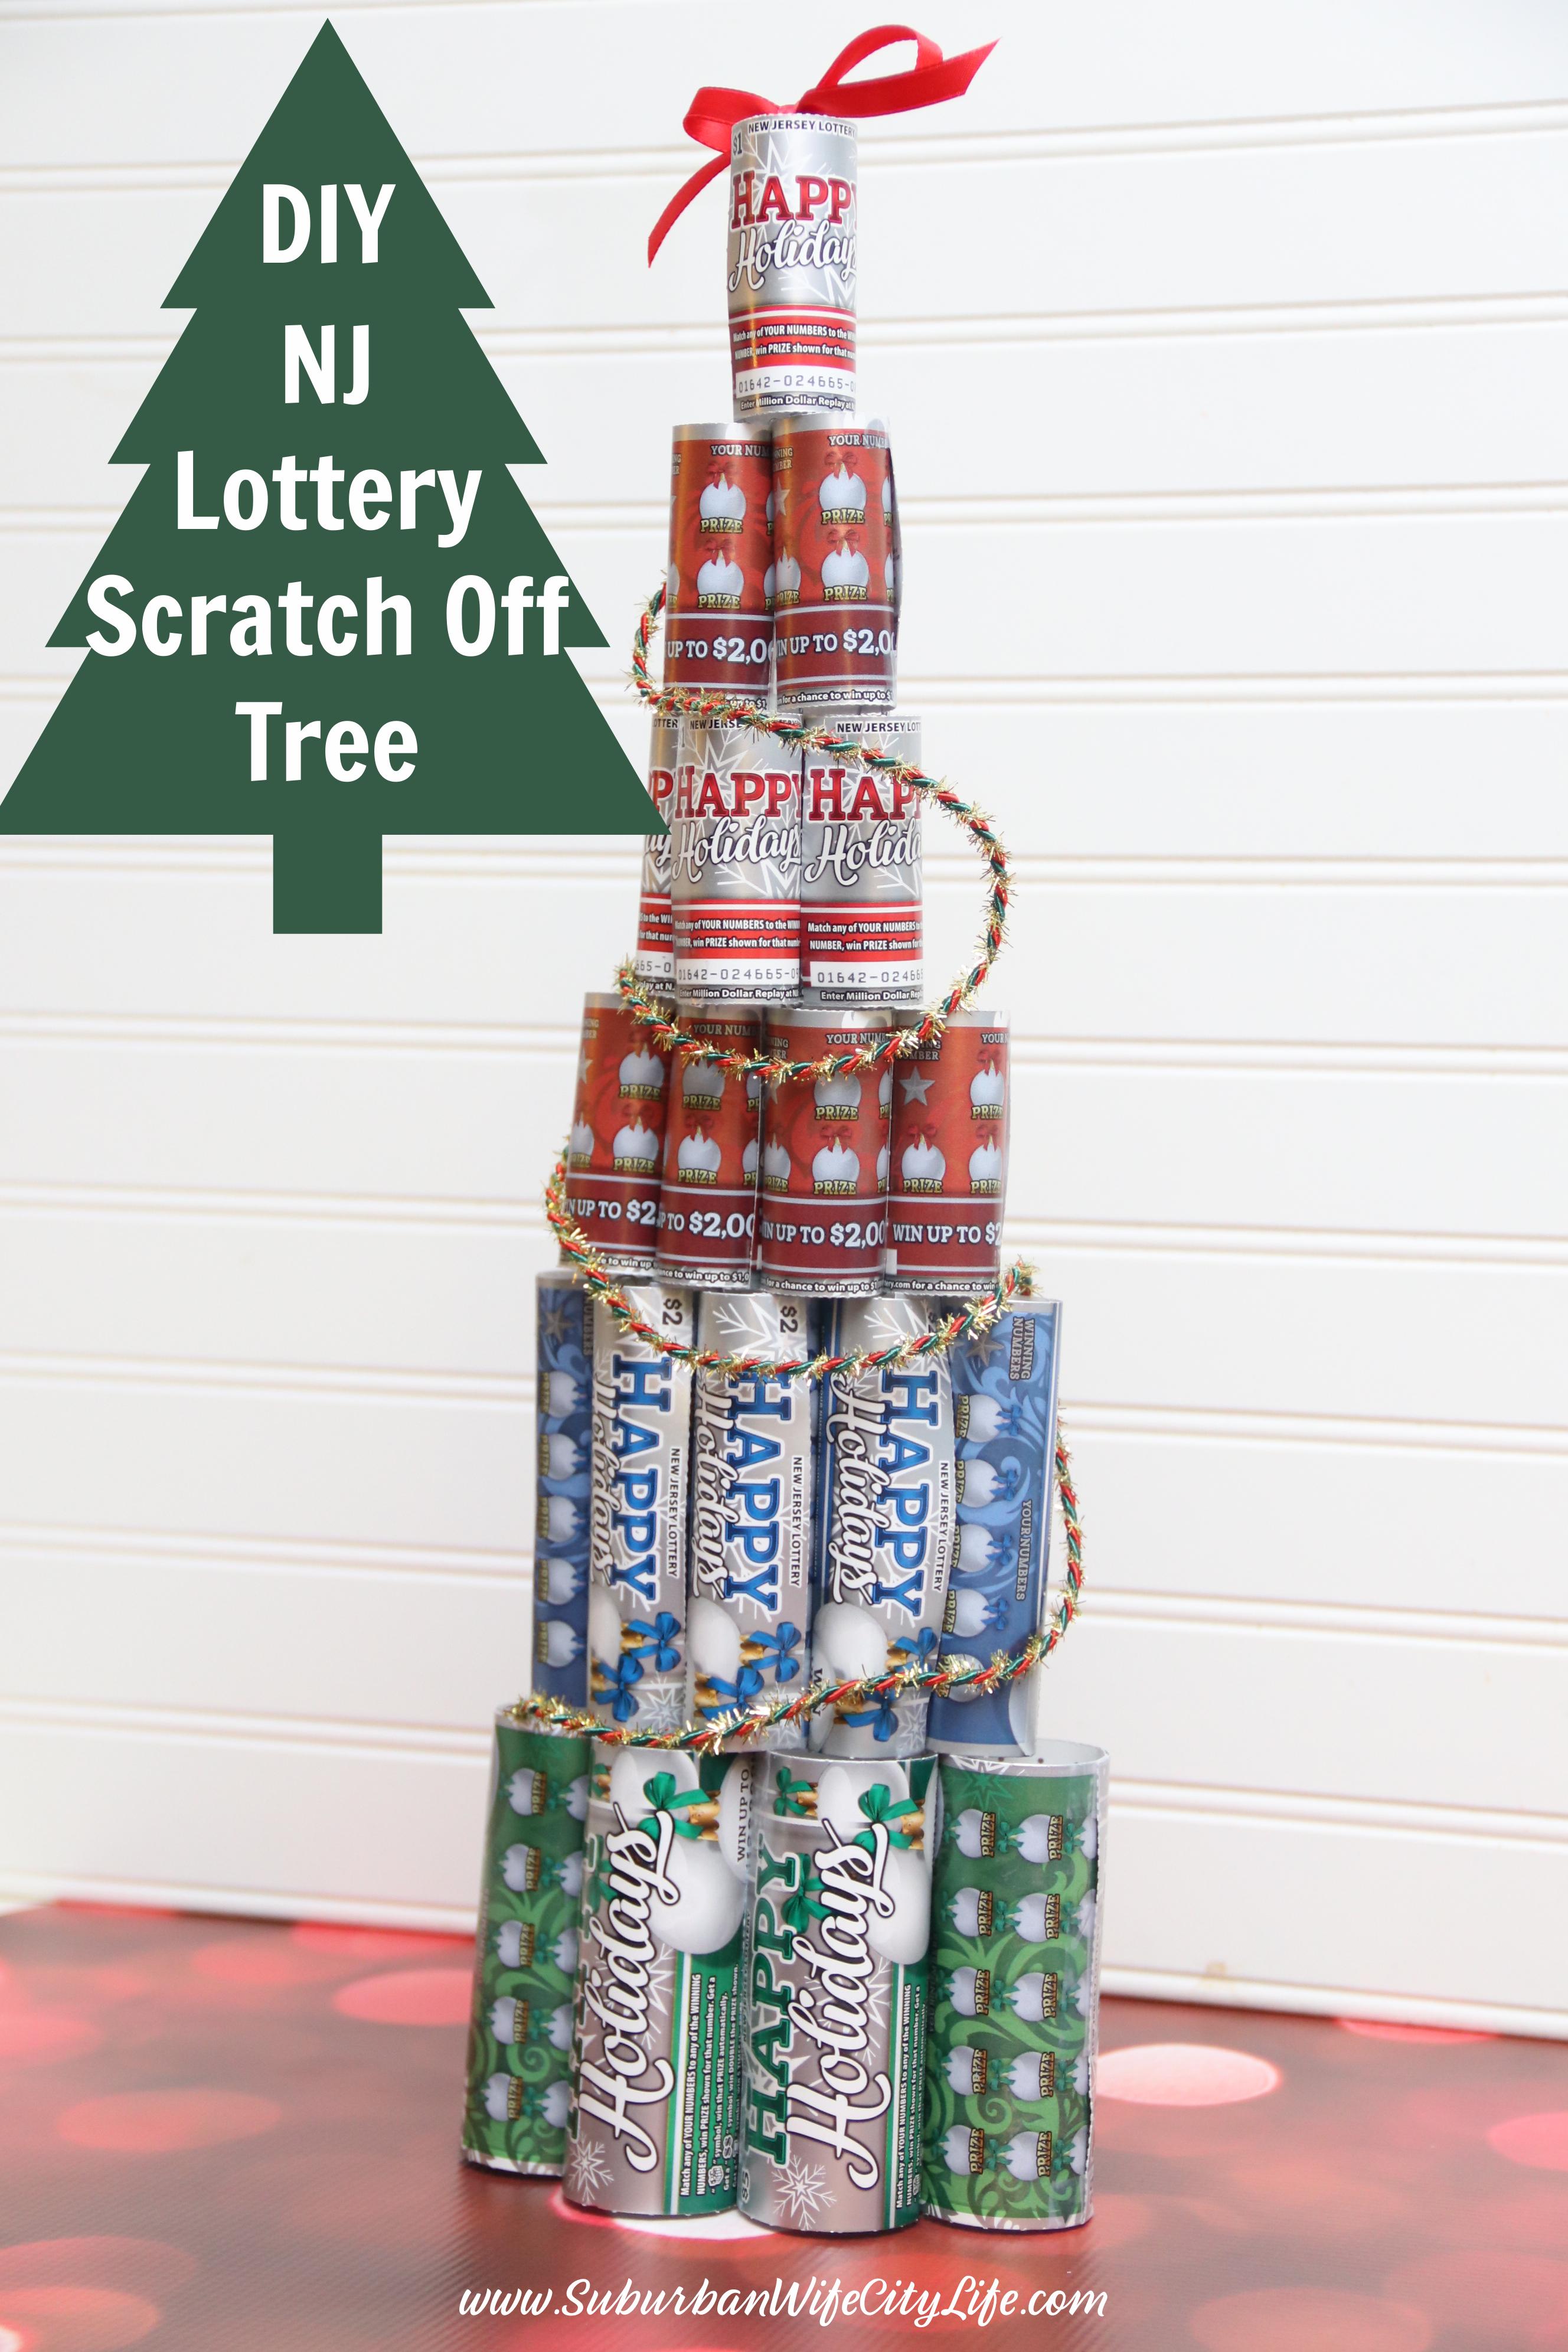 DIY NJ Lottery Scratch Off Tree